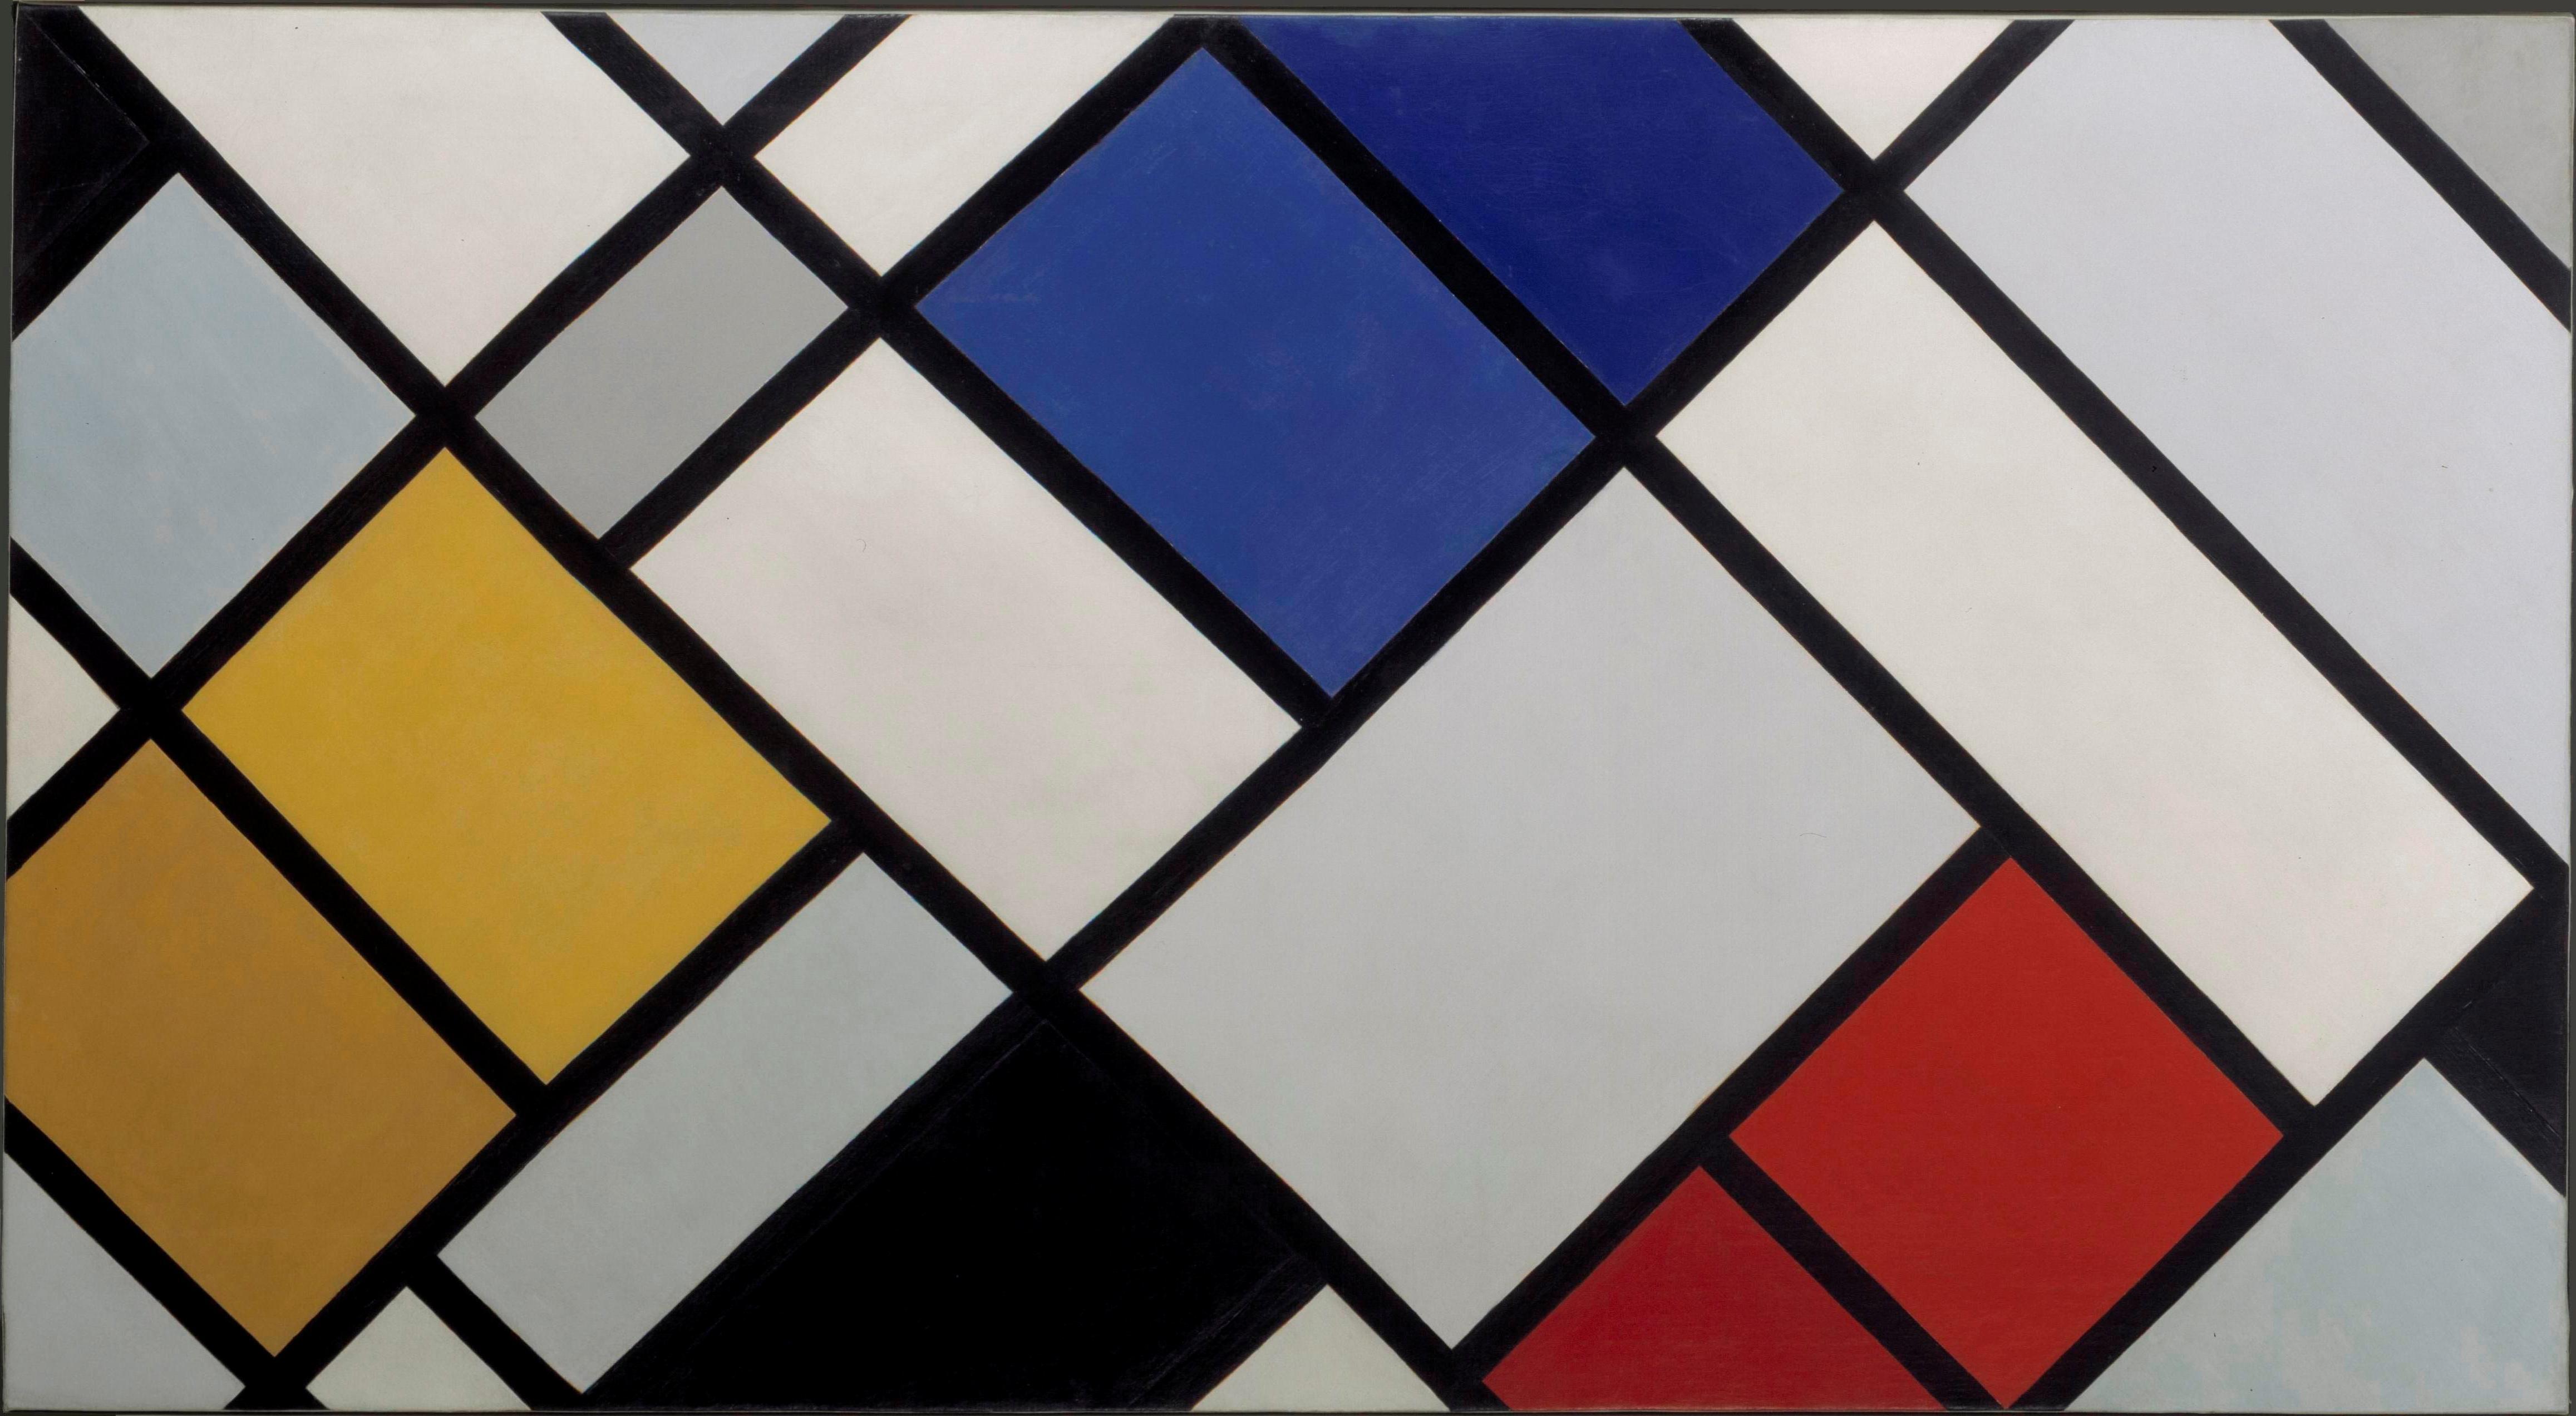 Design Fads De Stijl At Pompidou Piet Mondrian Amp Theo Van Doesburg